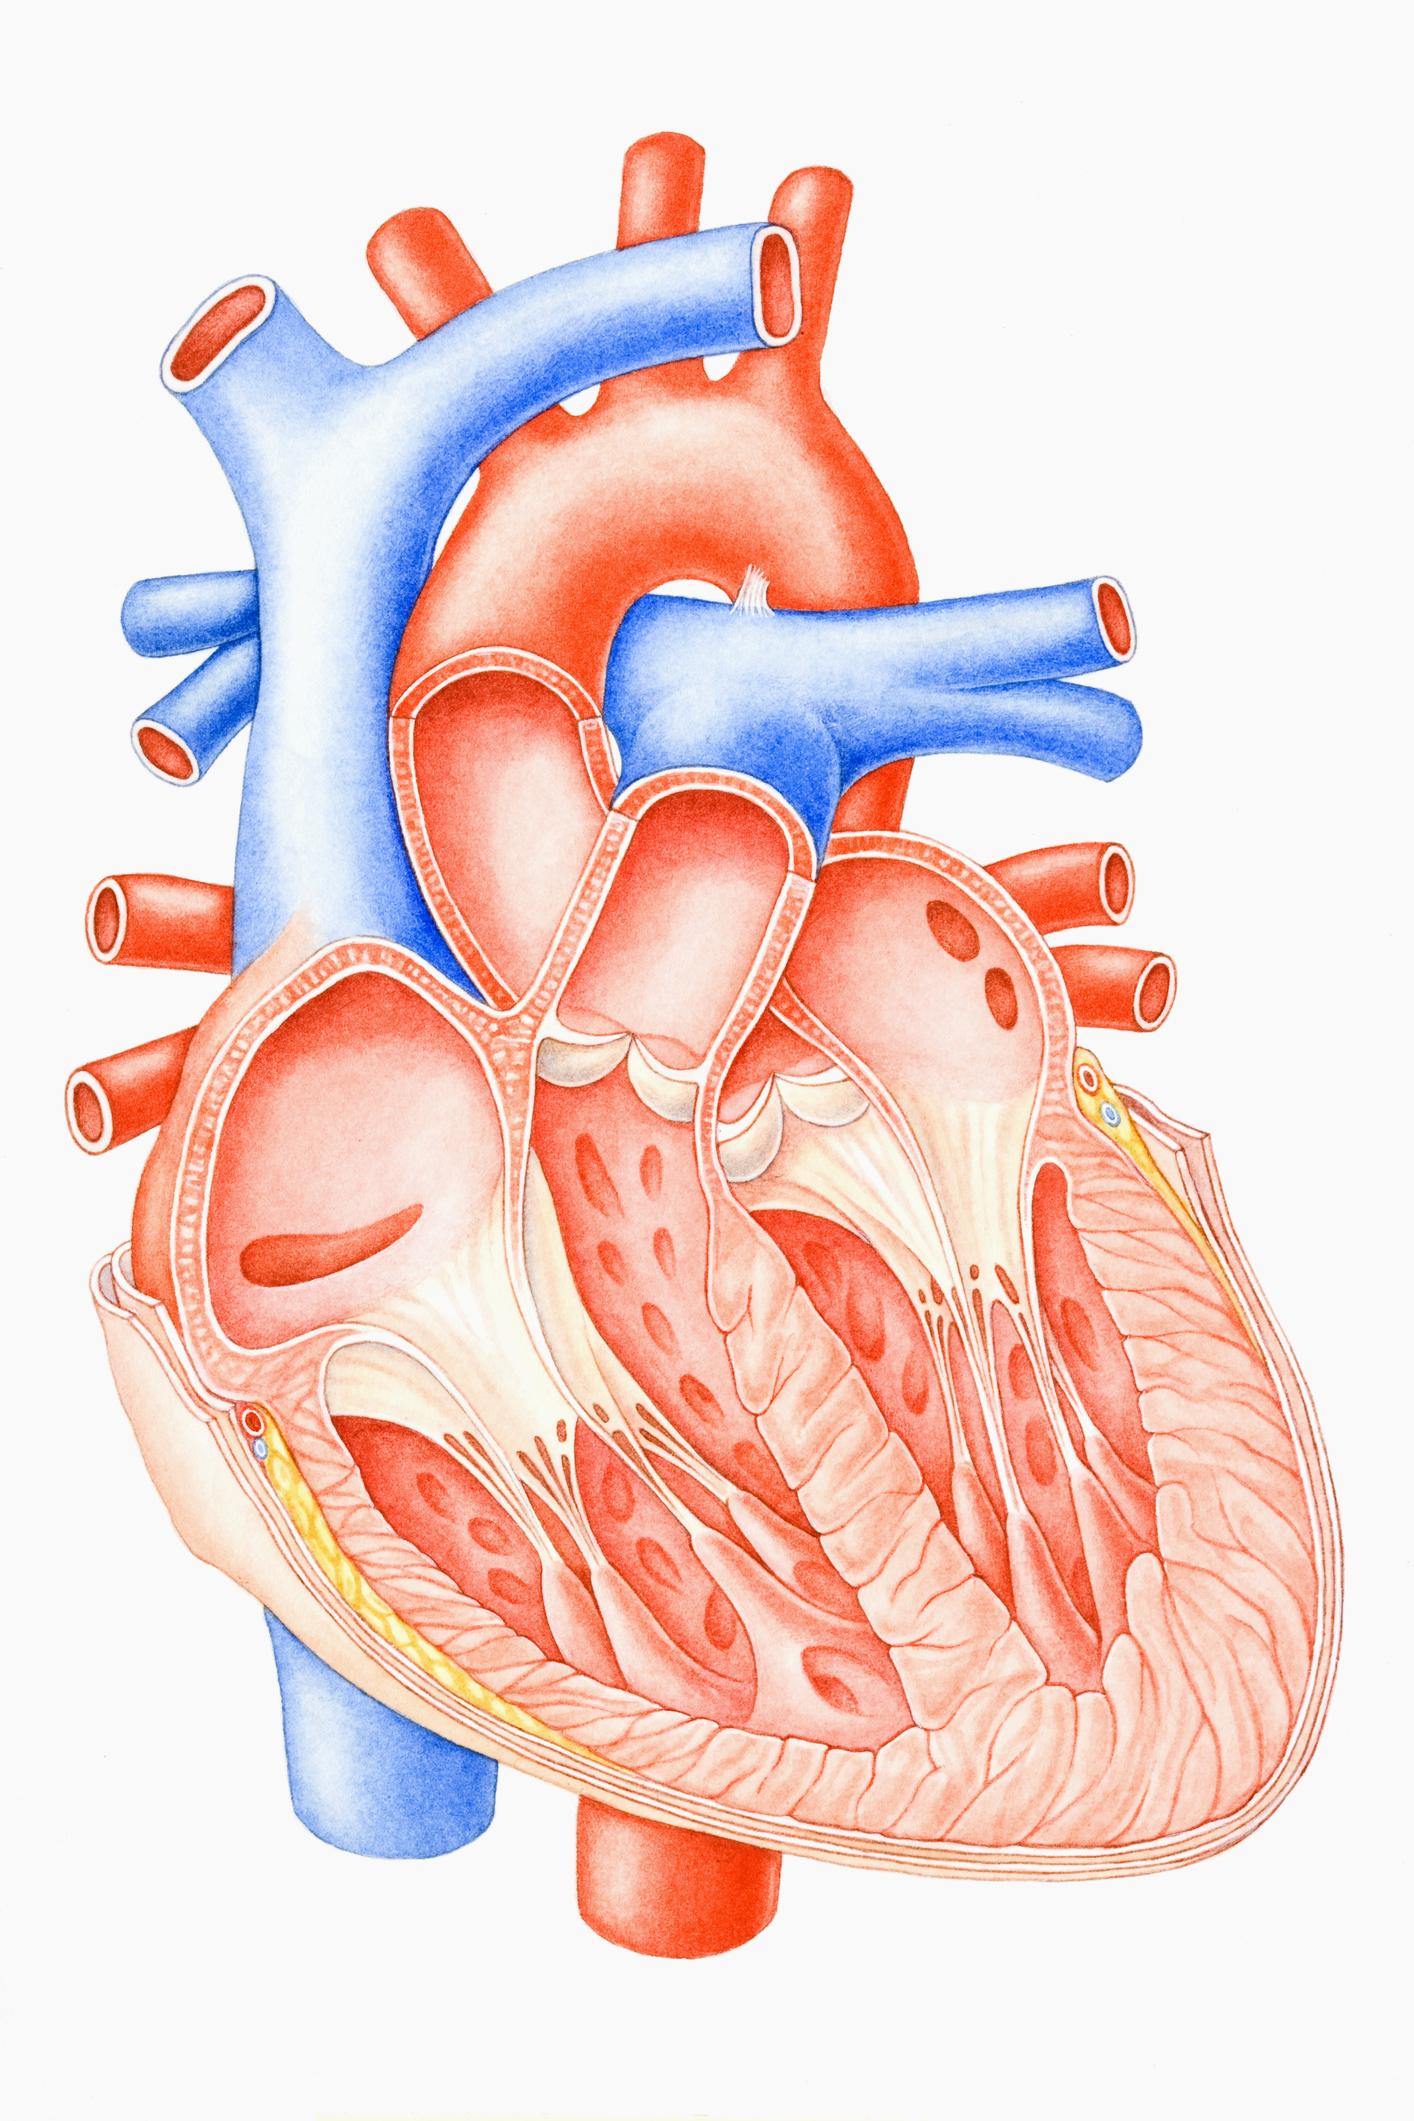 Zeichnung eines menschlichen Herzens. Thema: Digitalisierung im Gesundheitswesen